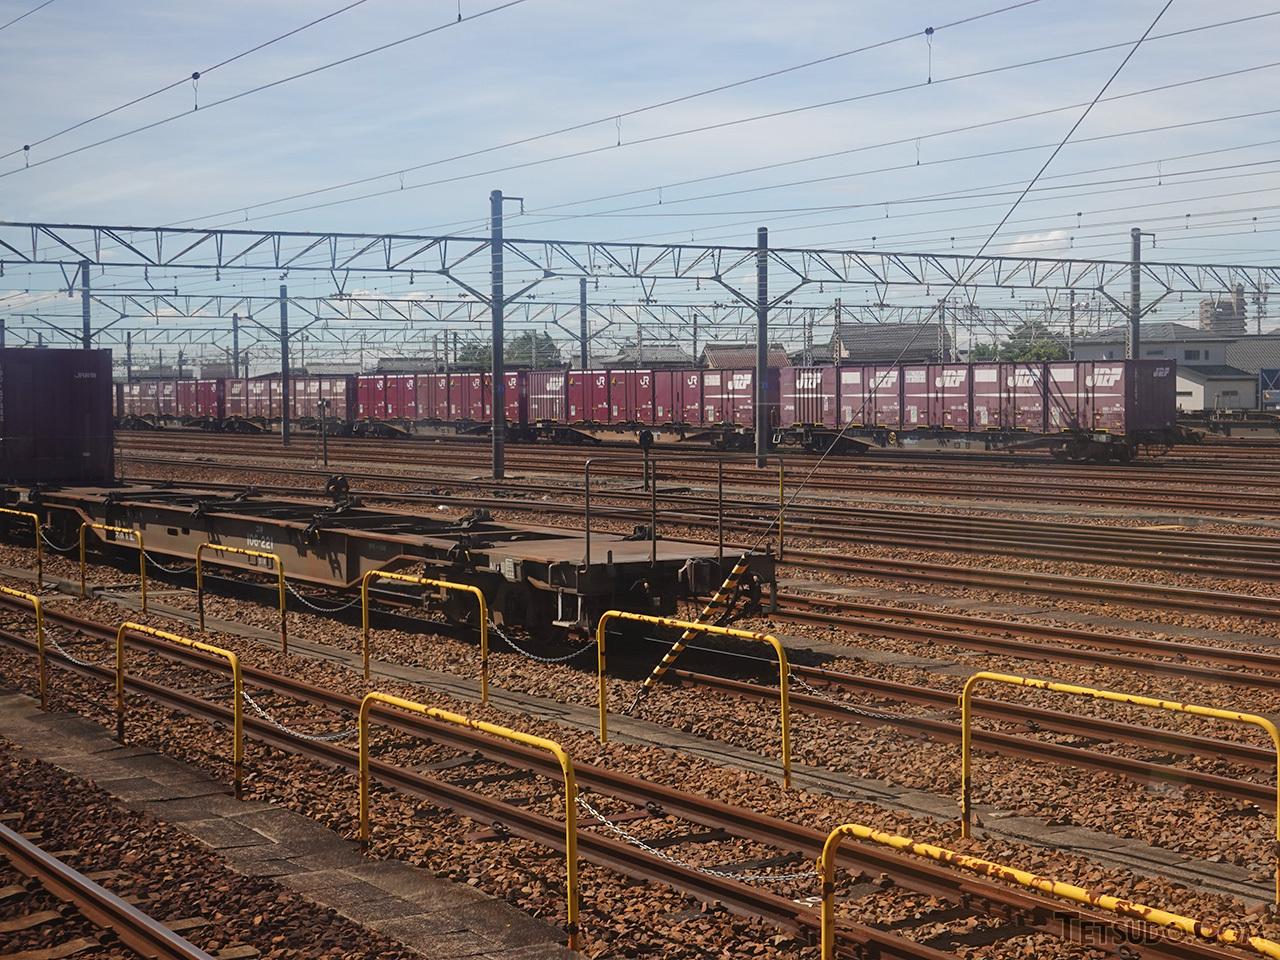 稲沢駅に入線。貨物駅とは言ってもコンテナの取扱はありませんが、機関車の付け替えや乗務員の交代があるため、すべての貨物列車が停車します